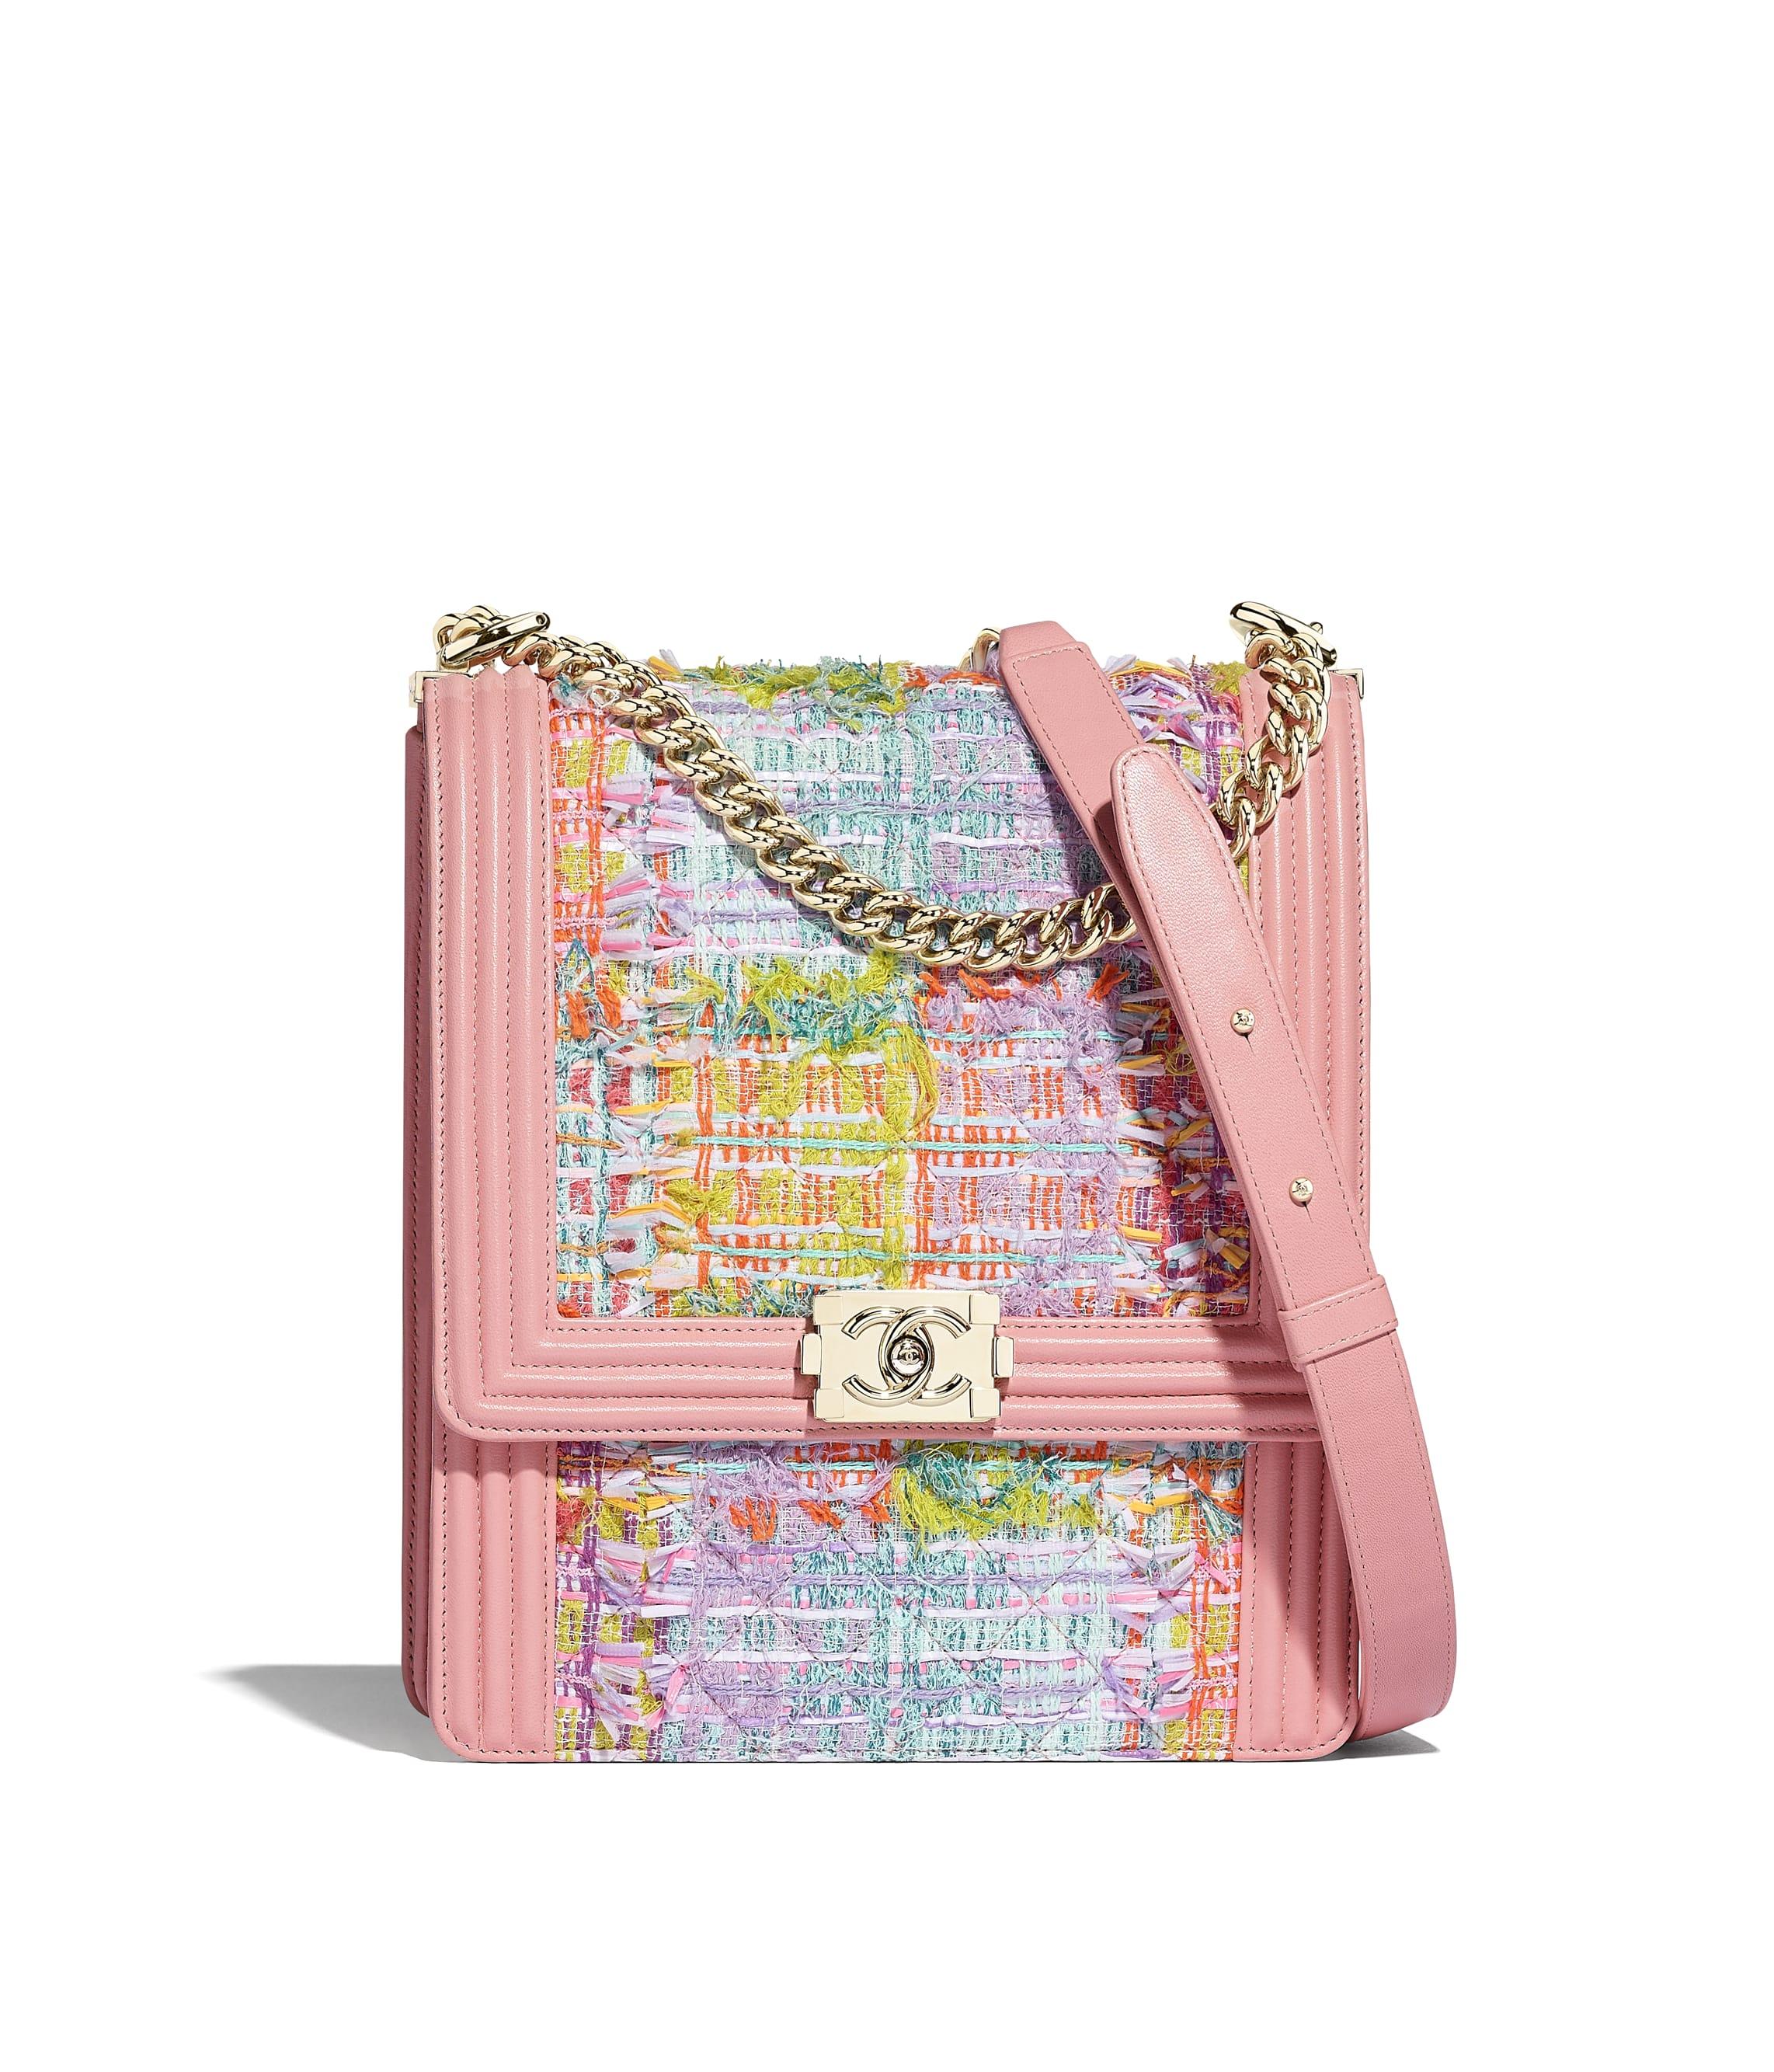 15faf1765ddc Large BOY CHANEL Handbag. Tweed ...